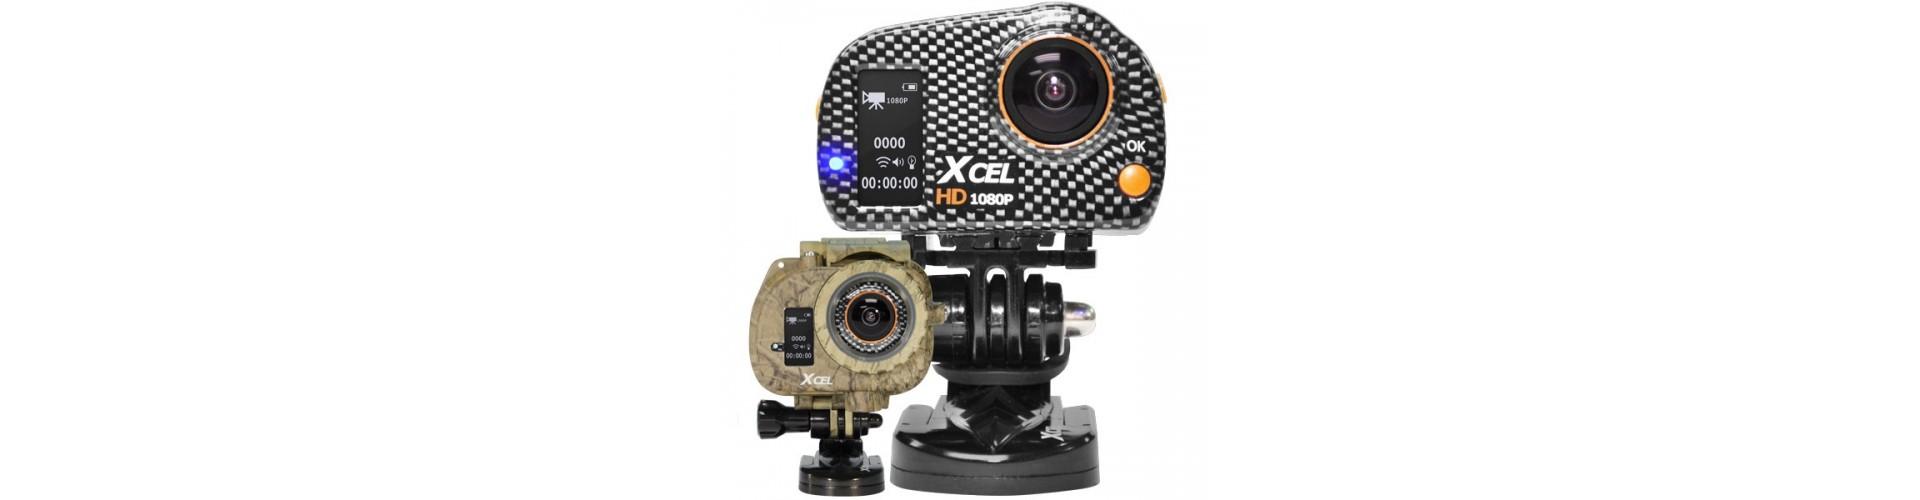 Actionkamera til Jagt | Køb Jagt Actionkamera Online Her